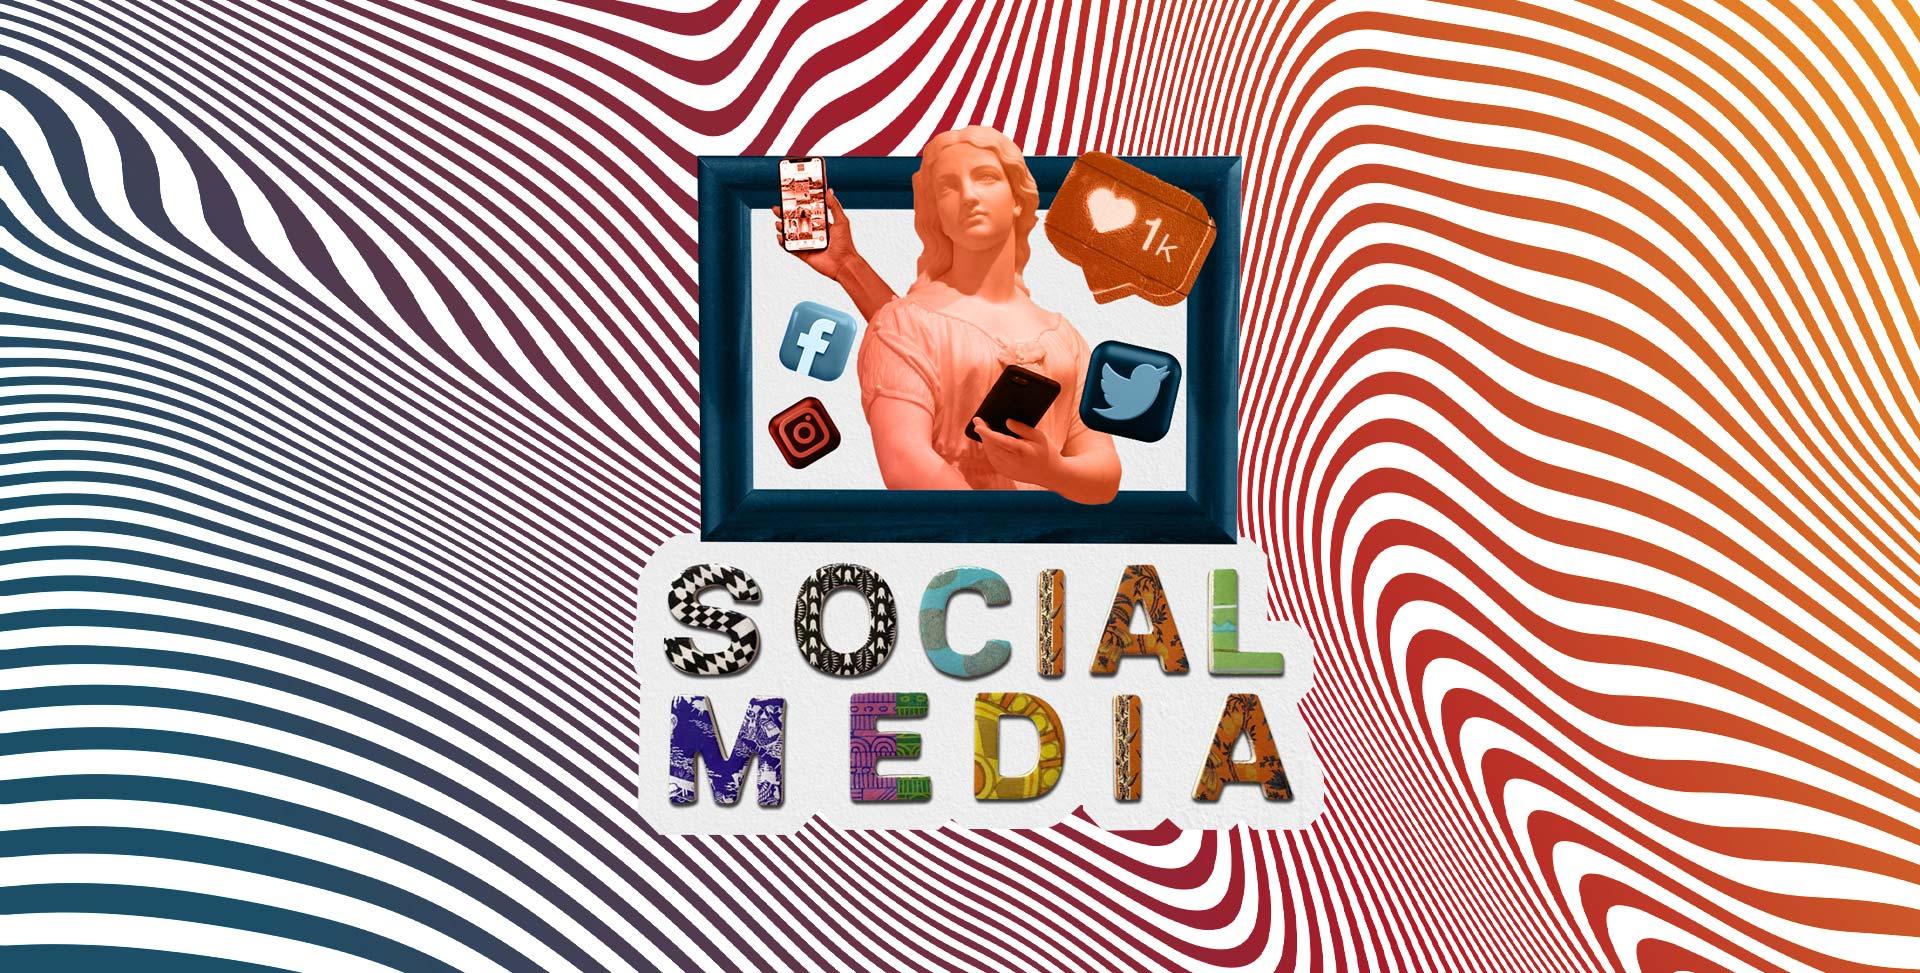 Social-Media-tekst